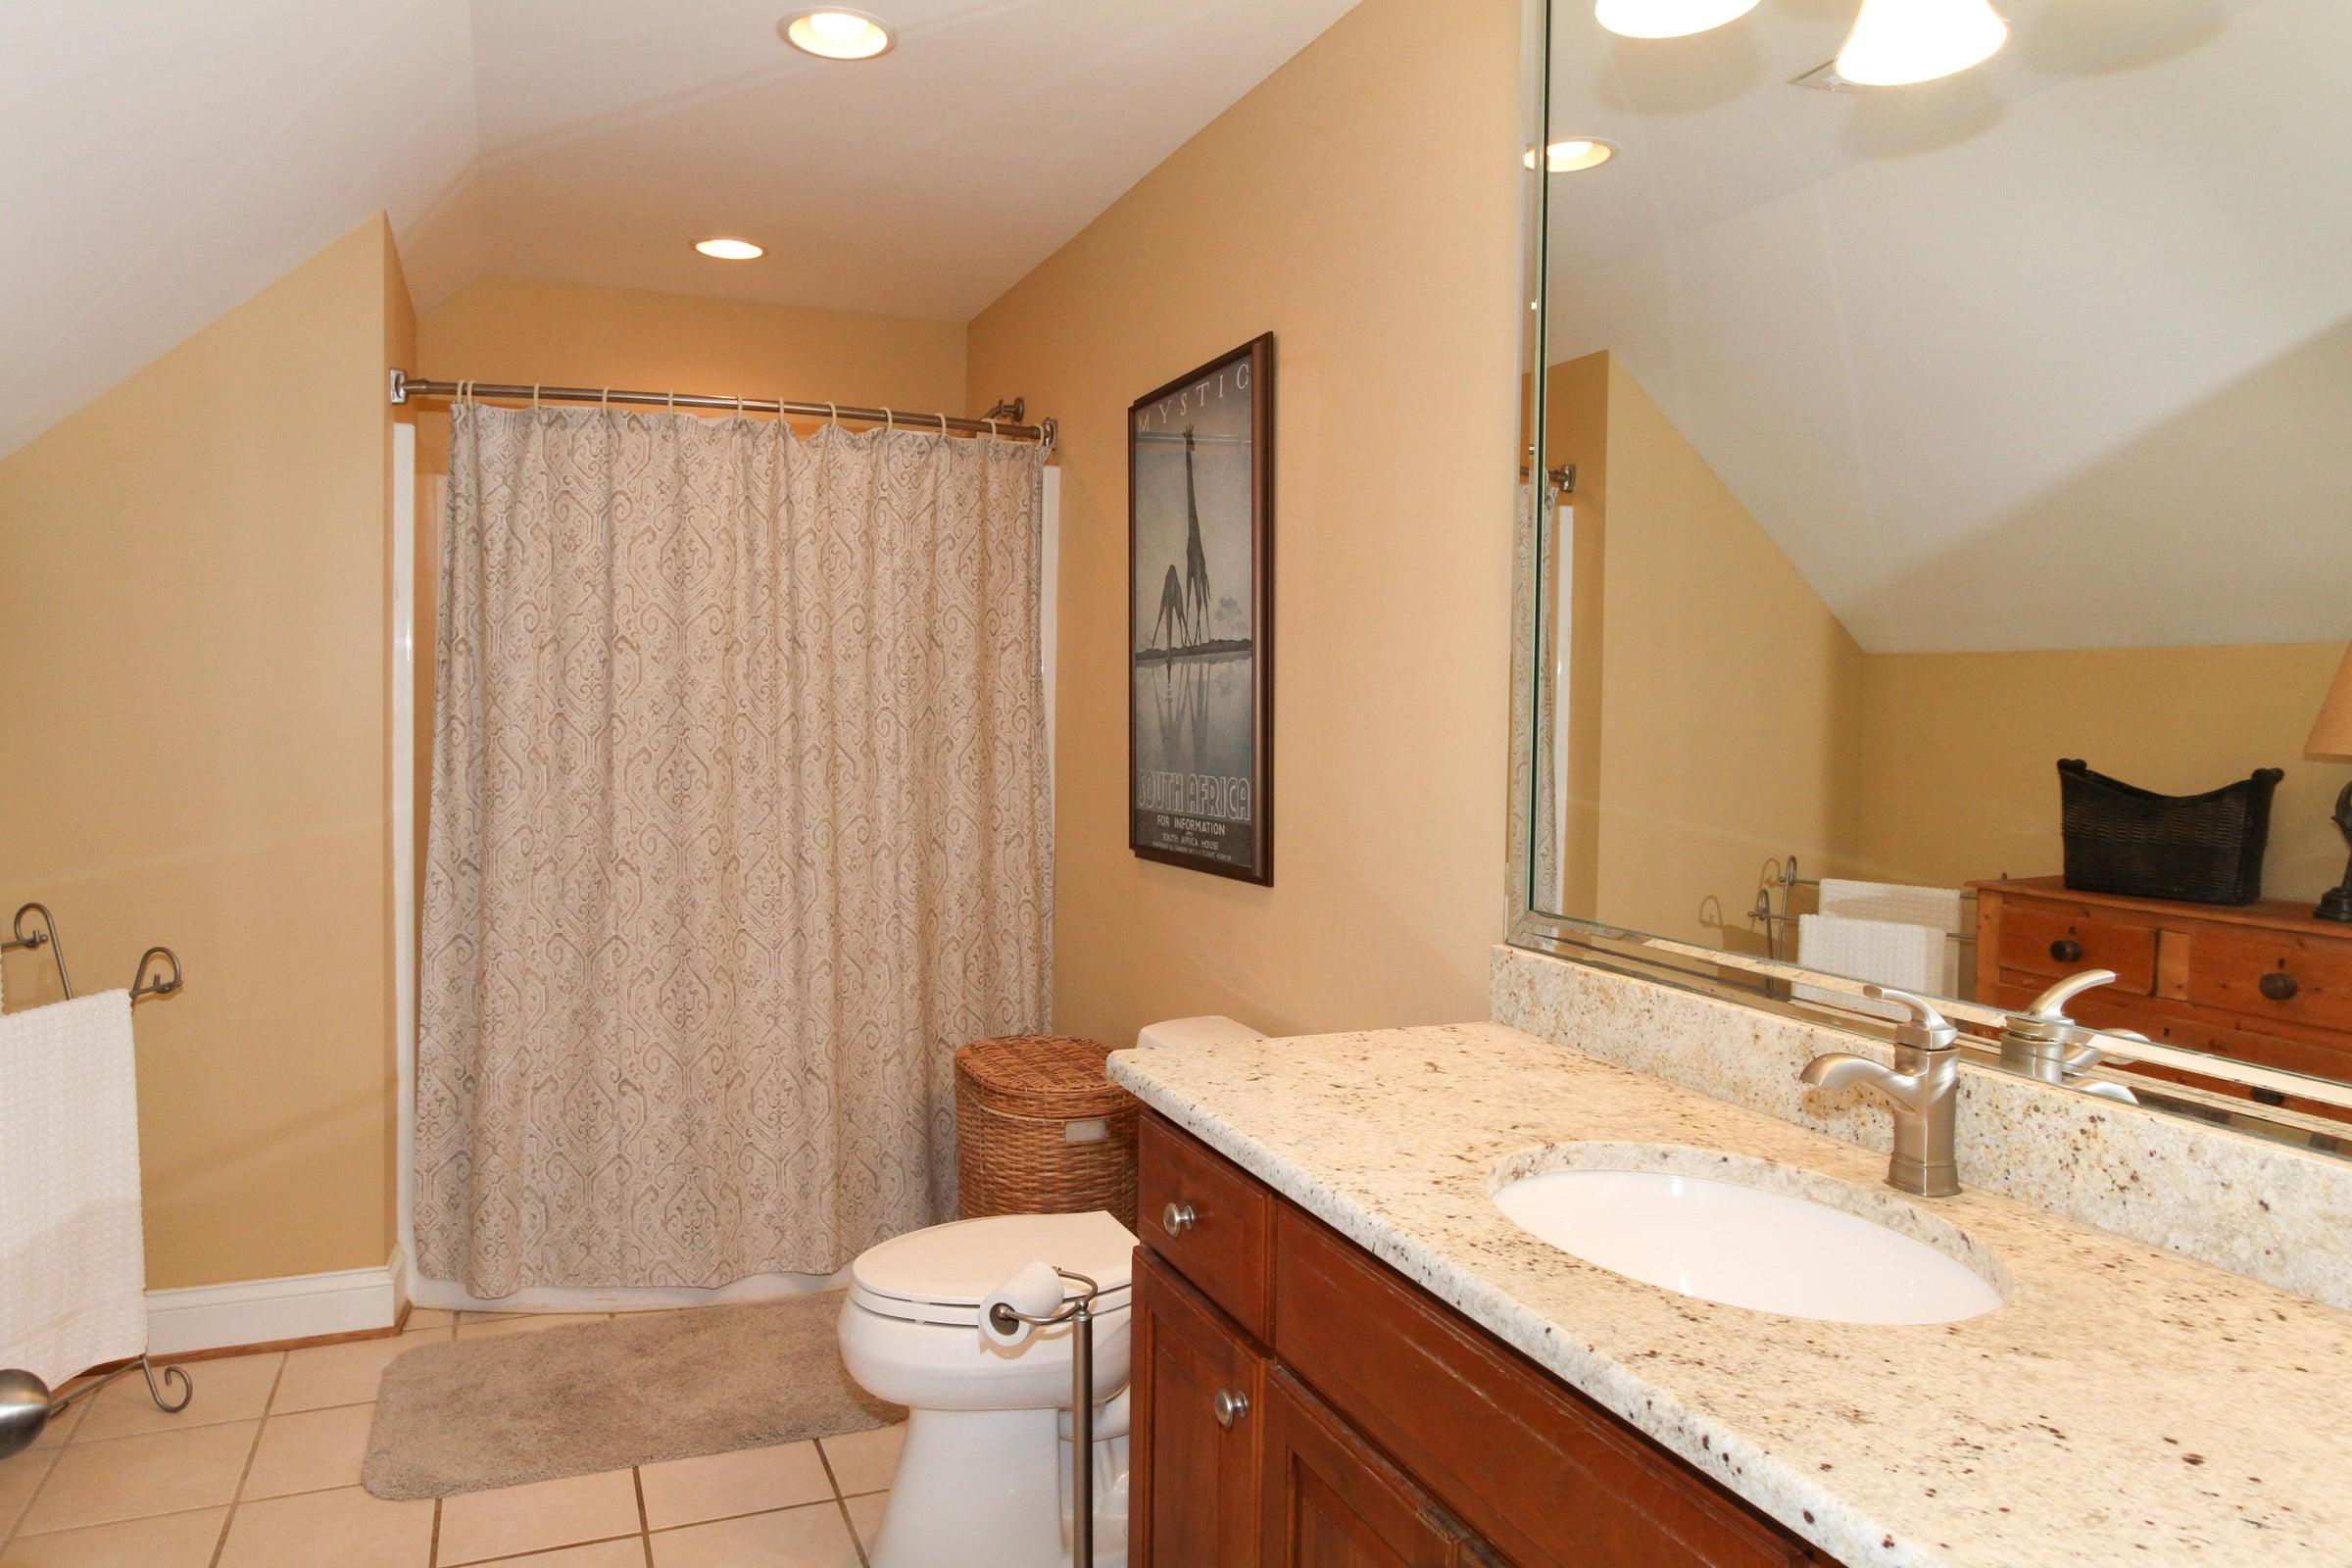 30 - Bathroom 3 upstairs